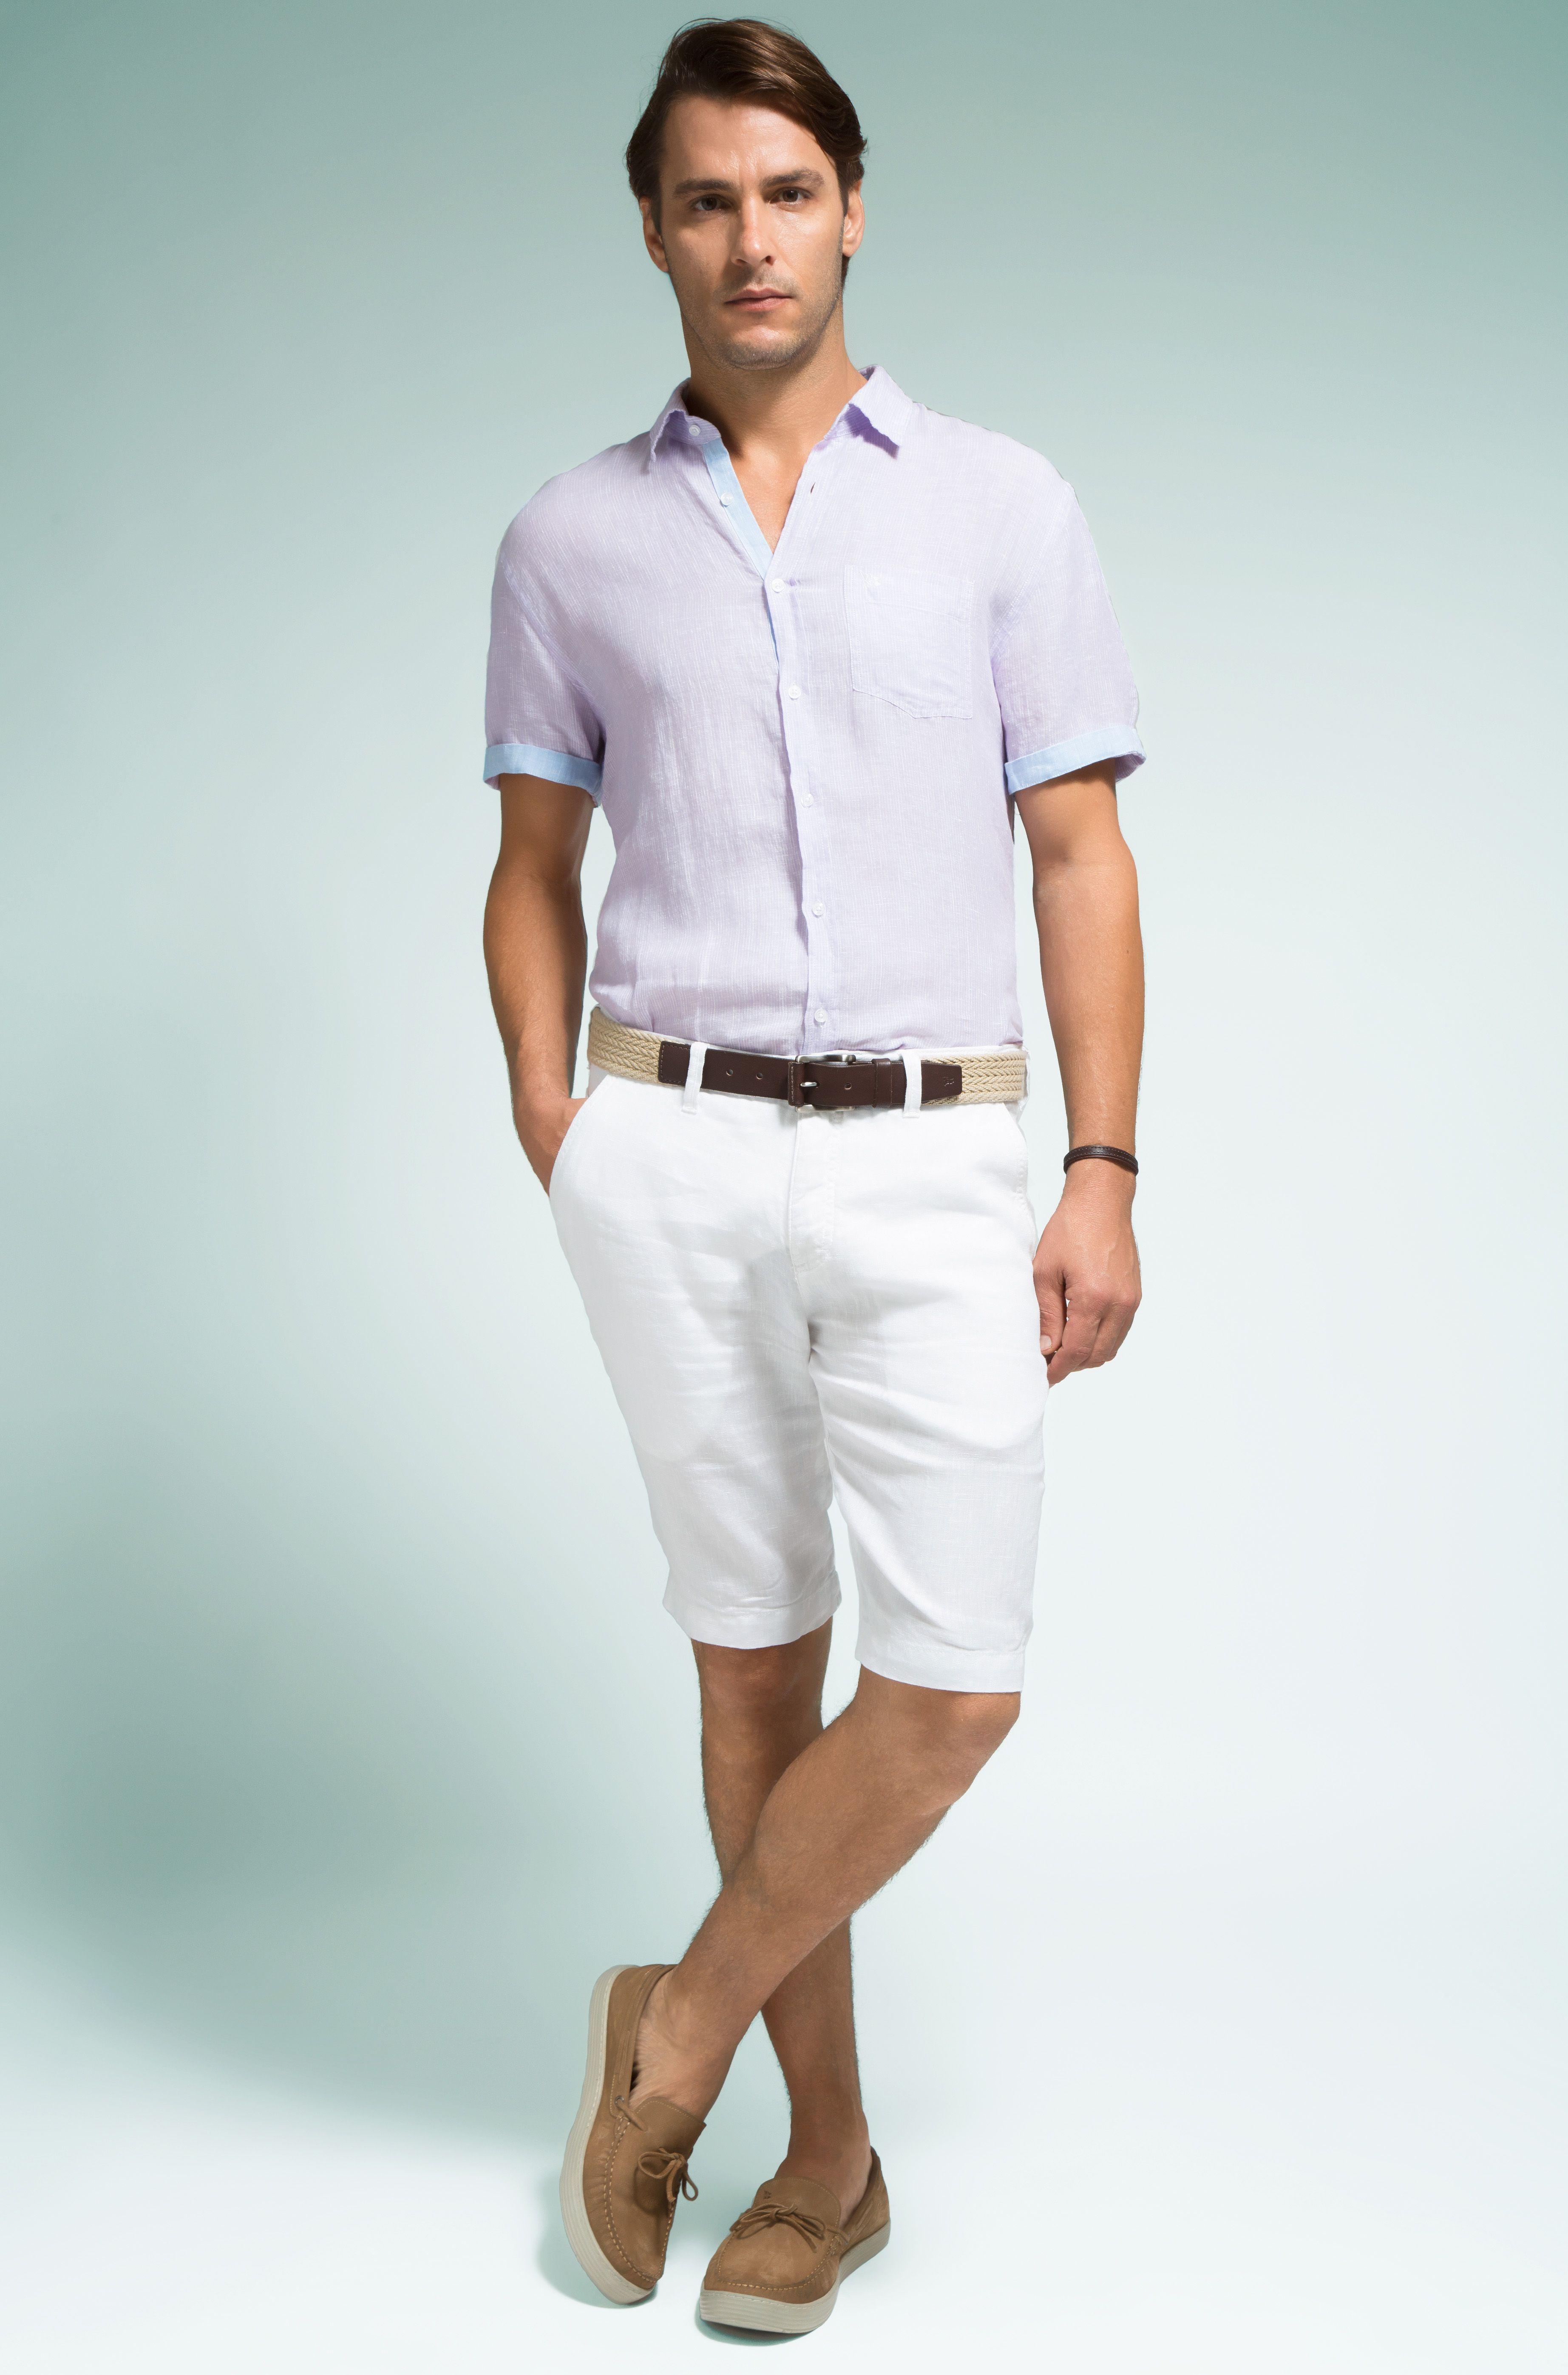 Camisa lilás de linho com manga curta e detalhes em azul 70e582f7516bd